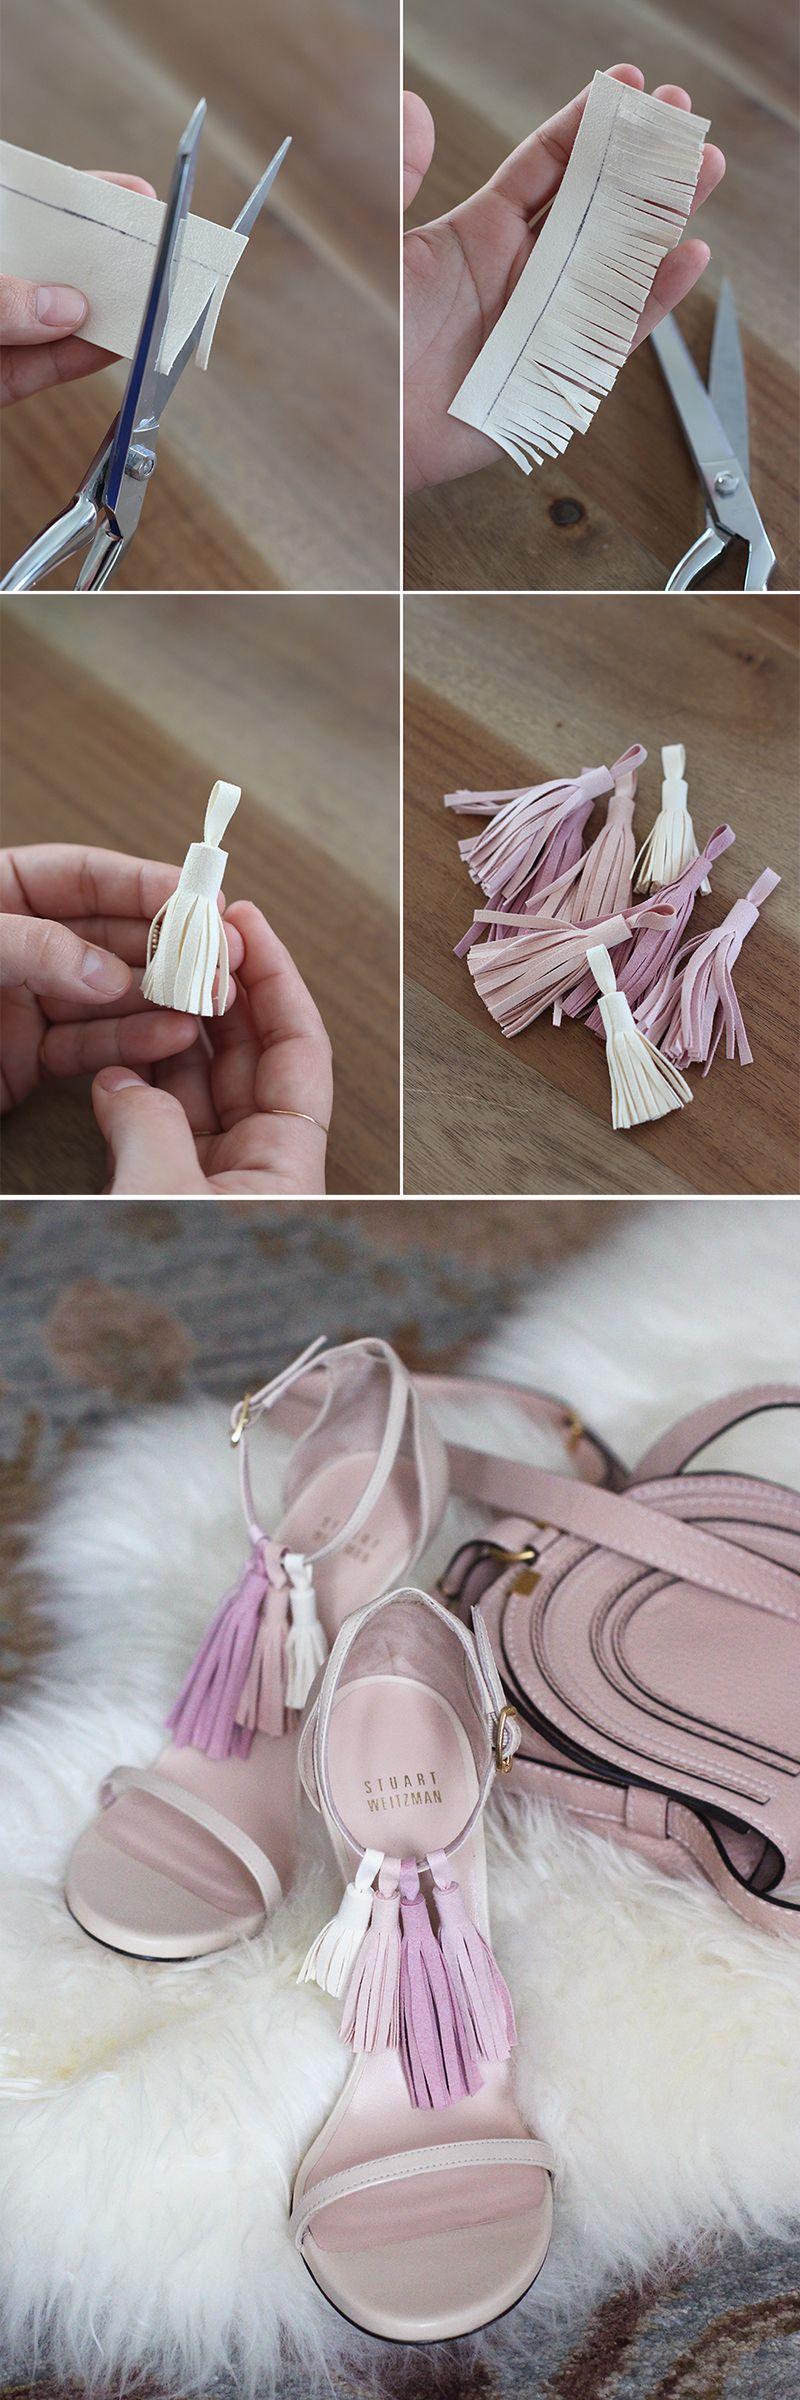 Adorn strappy sandals with interchangeable tassels. DIY Tassel Sandals.